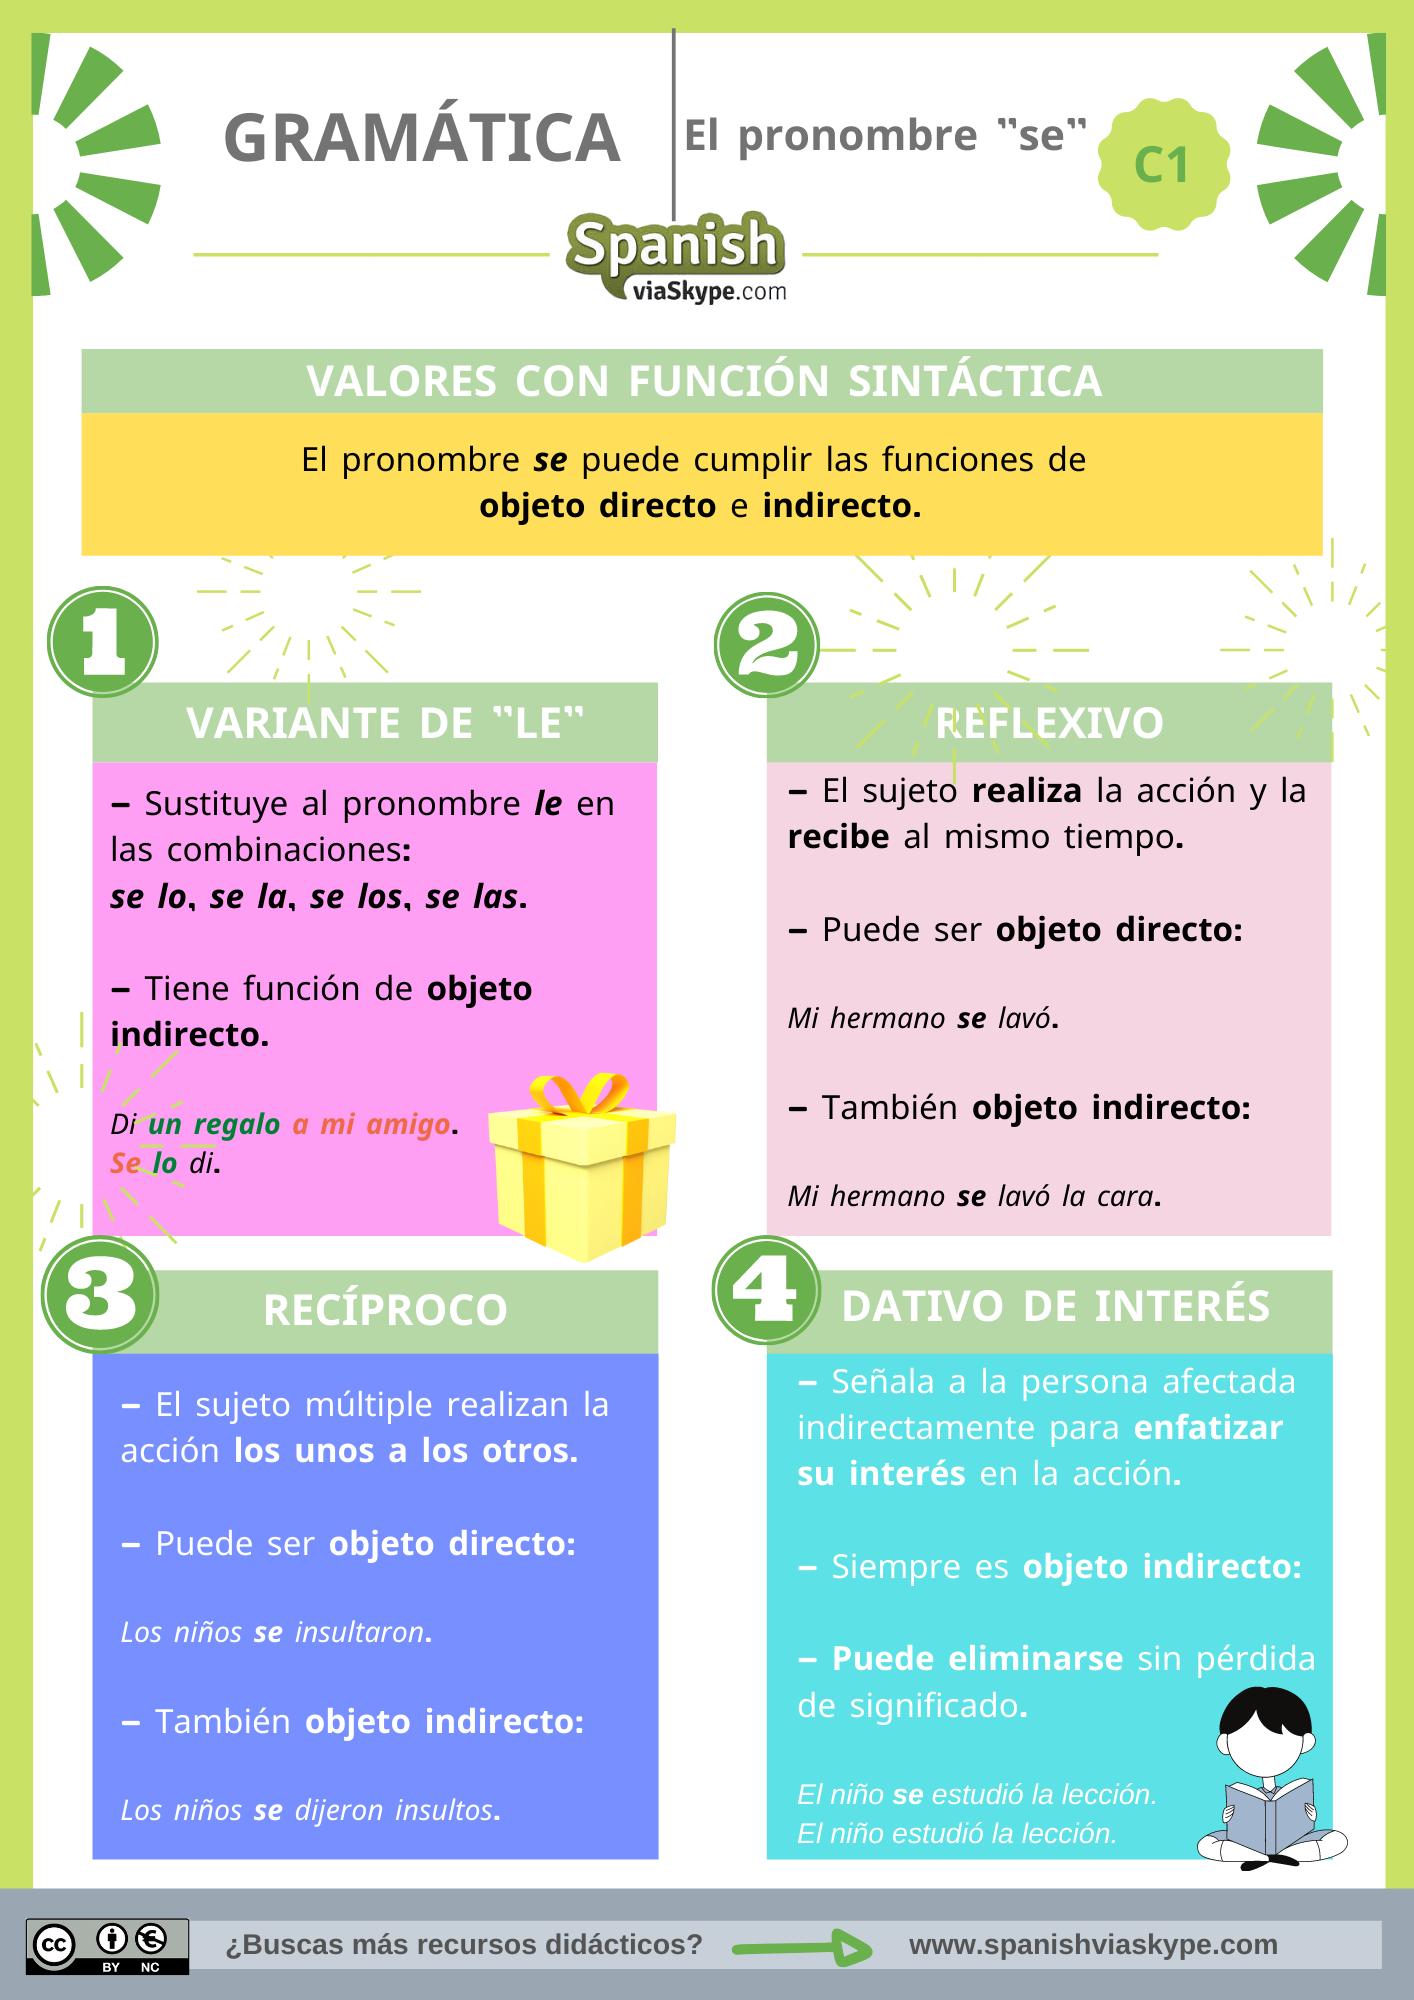 Infografía sobre los valores del pronombre se con función sintáctica en español